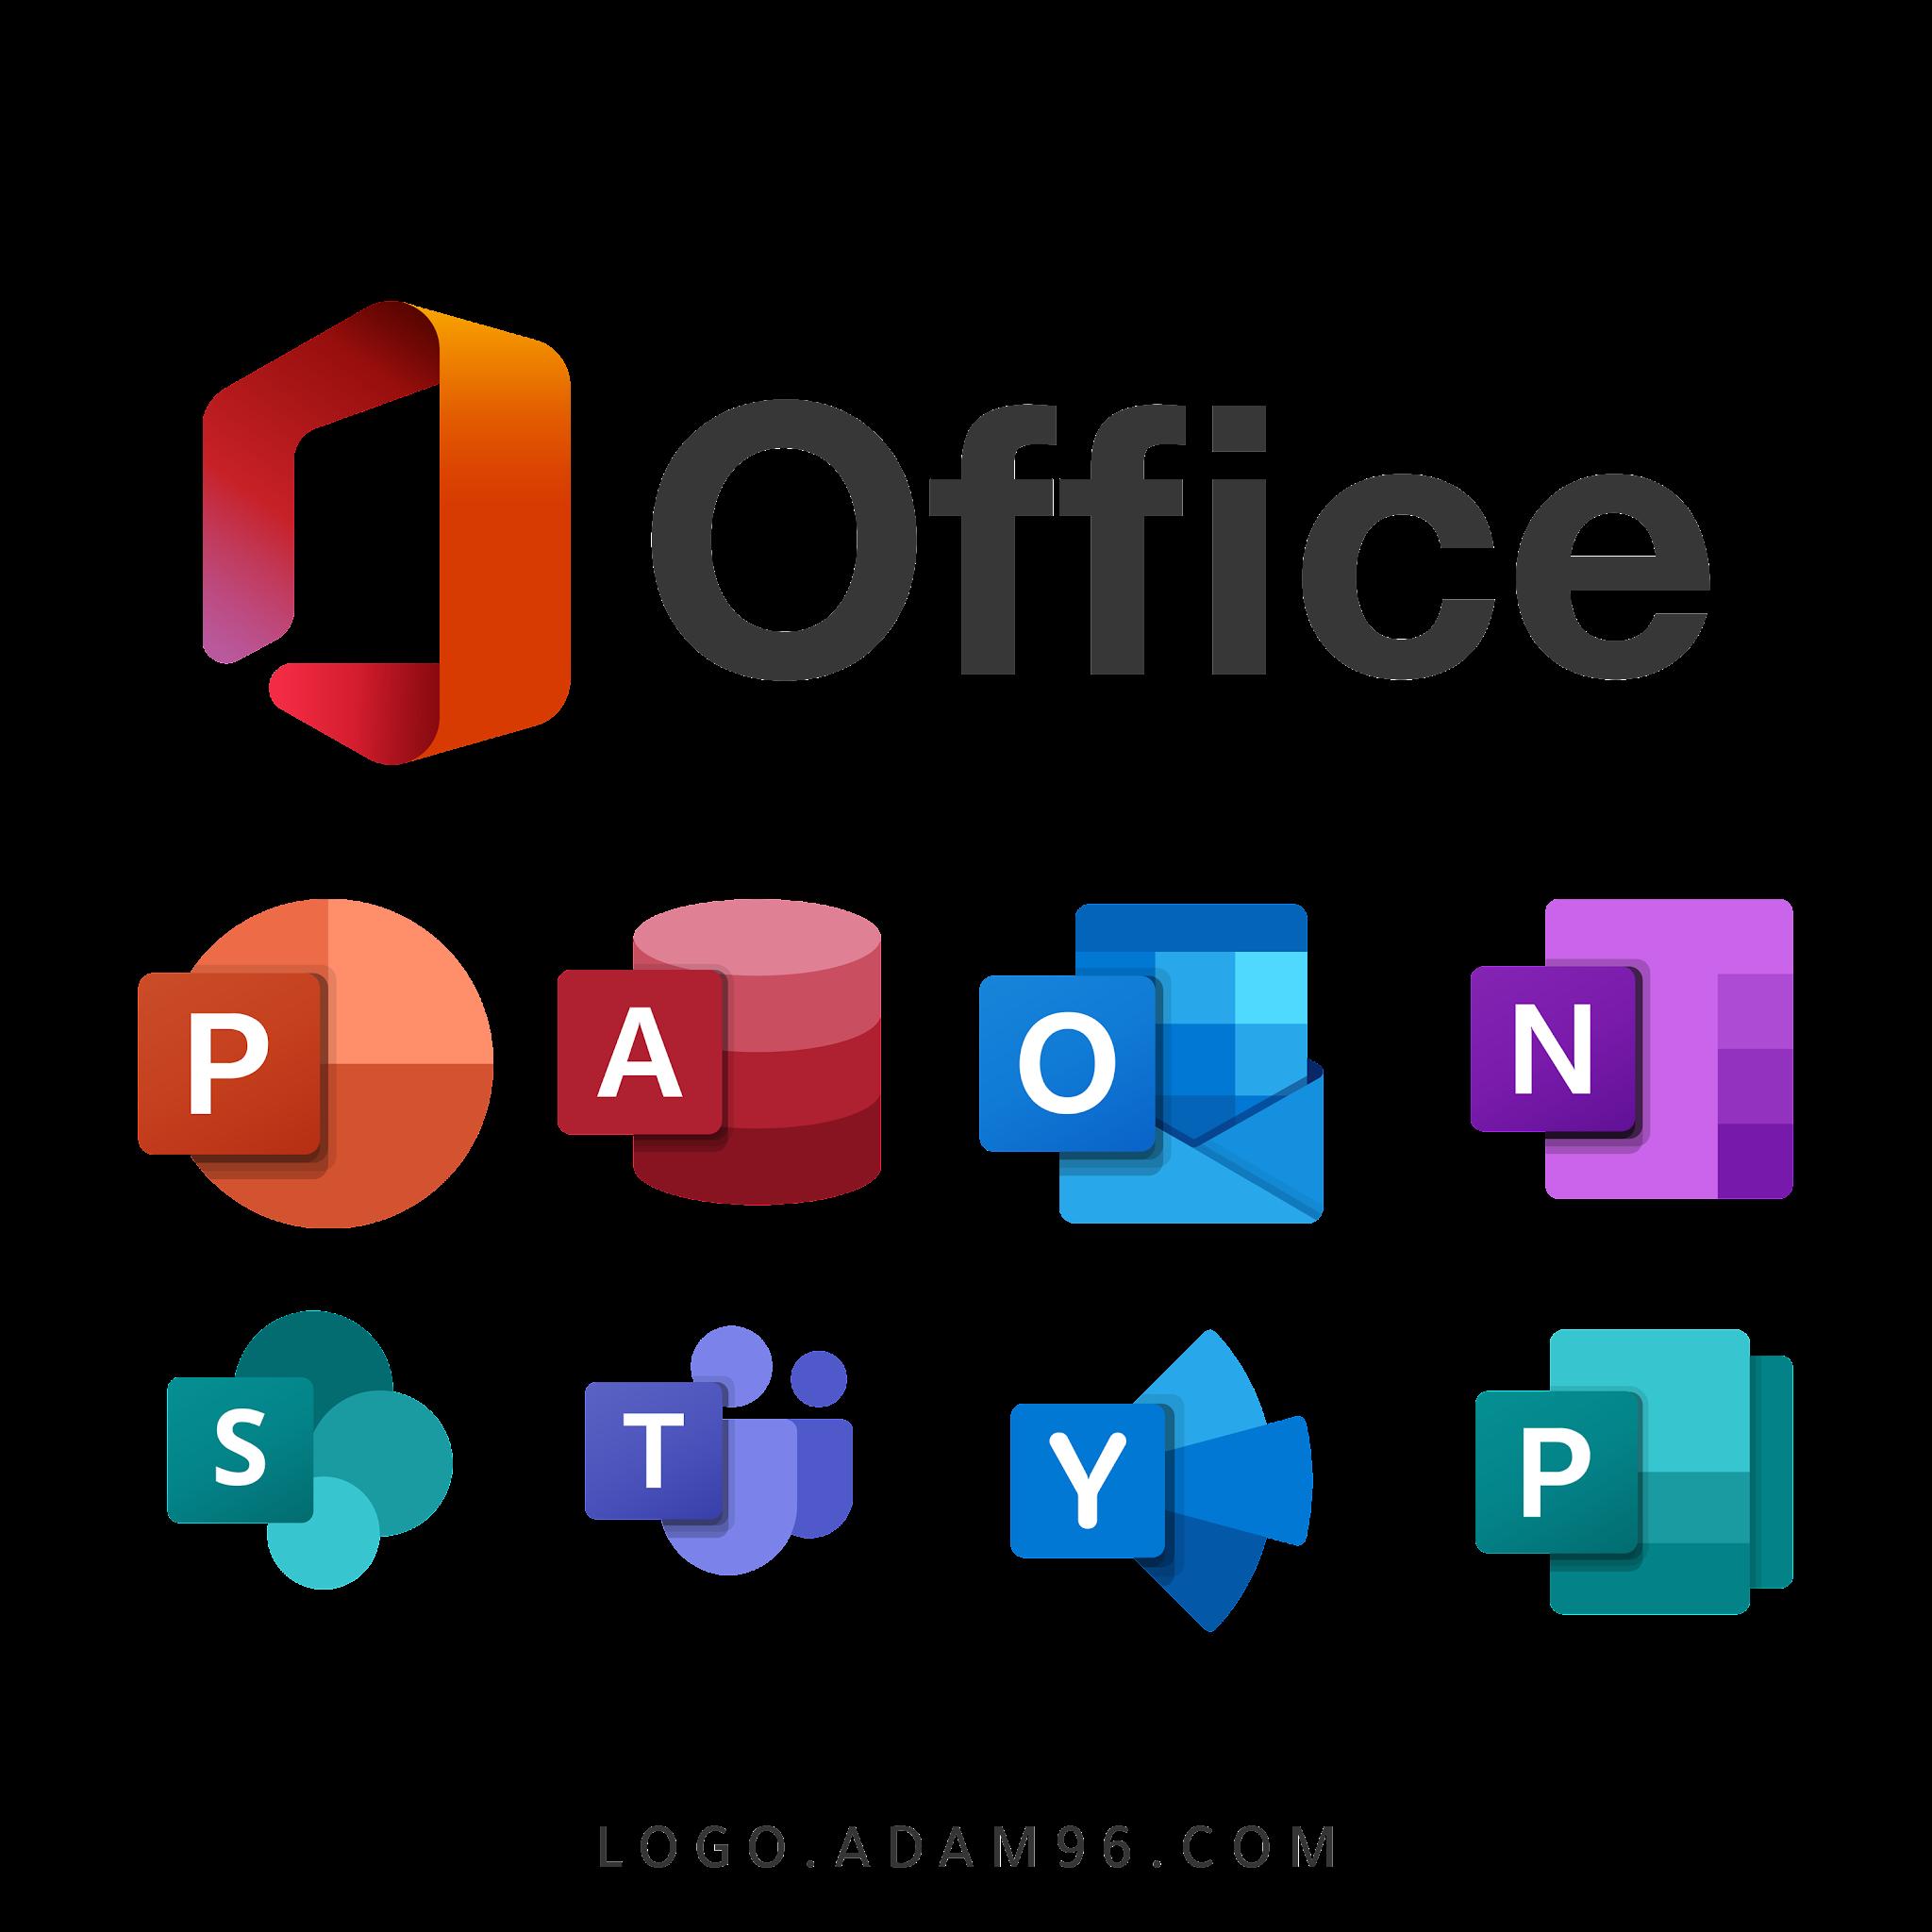 تحميل شعارات حزمة مايكروسوفت اوفس الجديدة Logo 0ffice 365